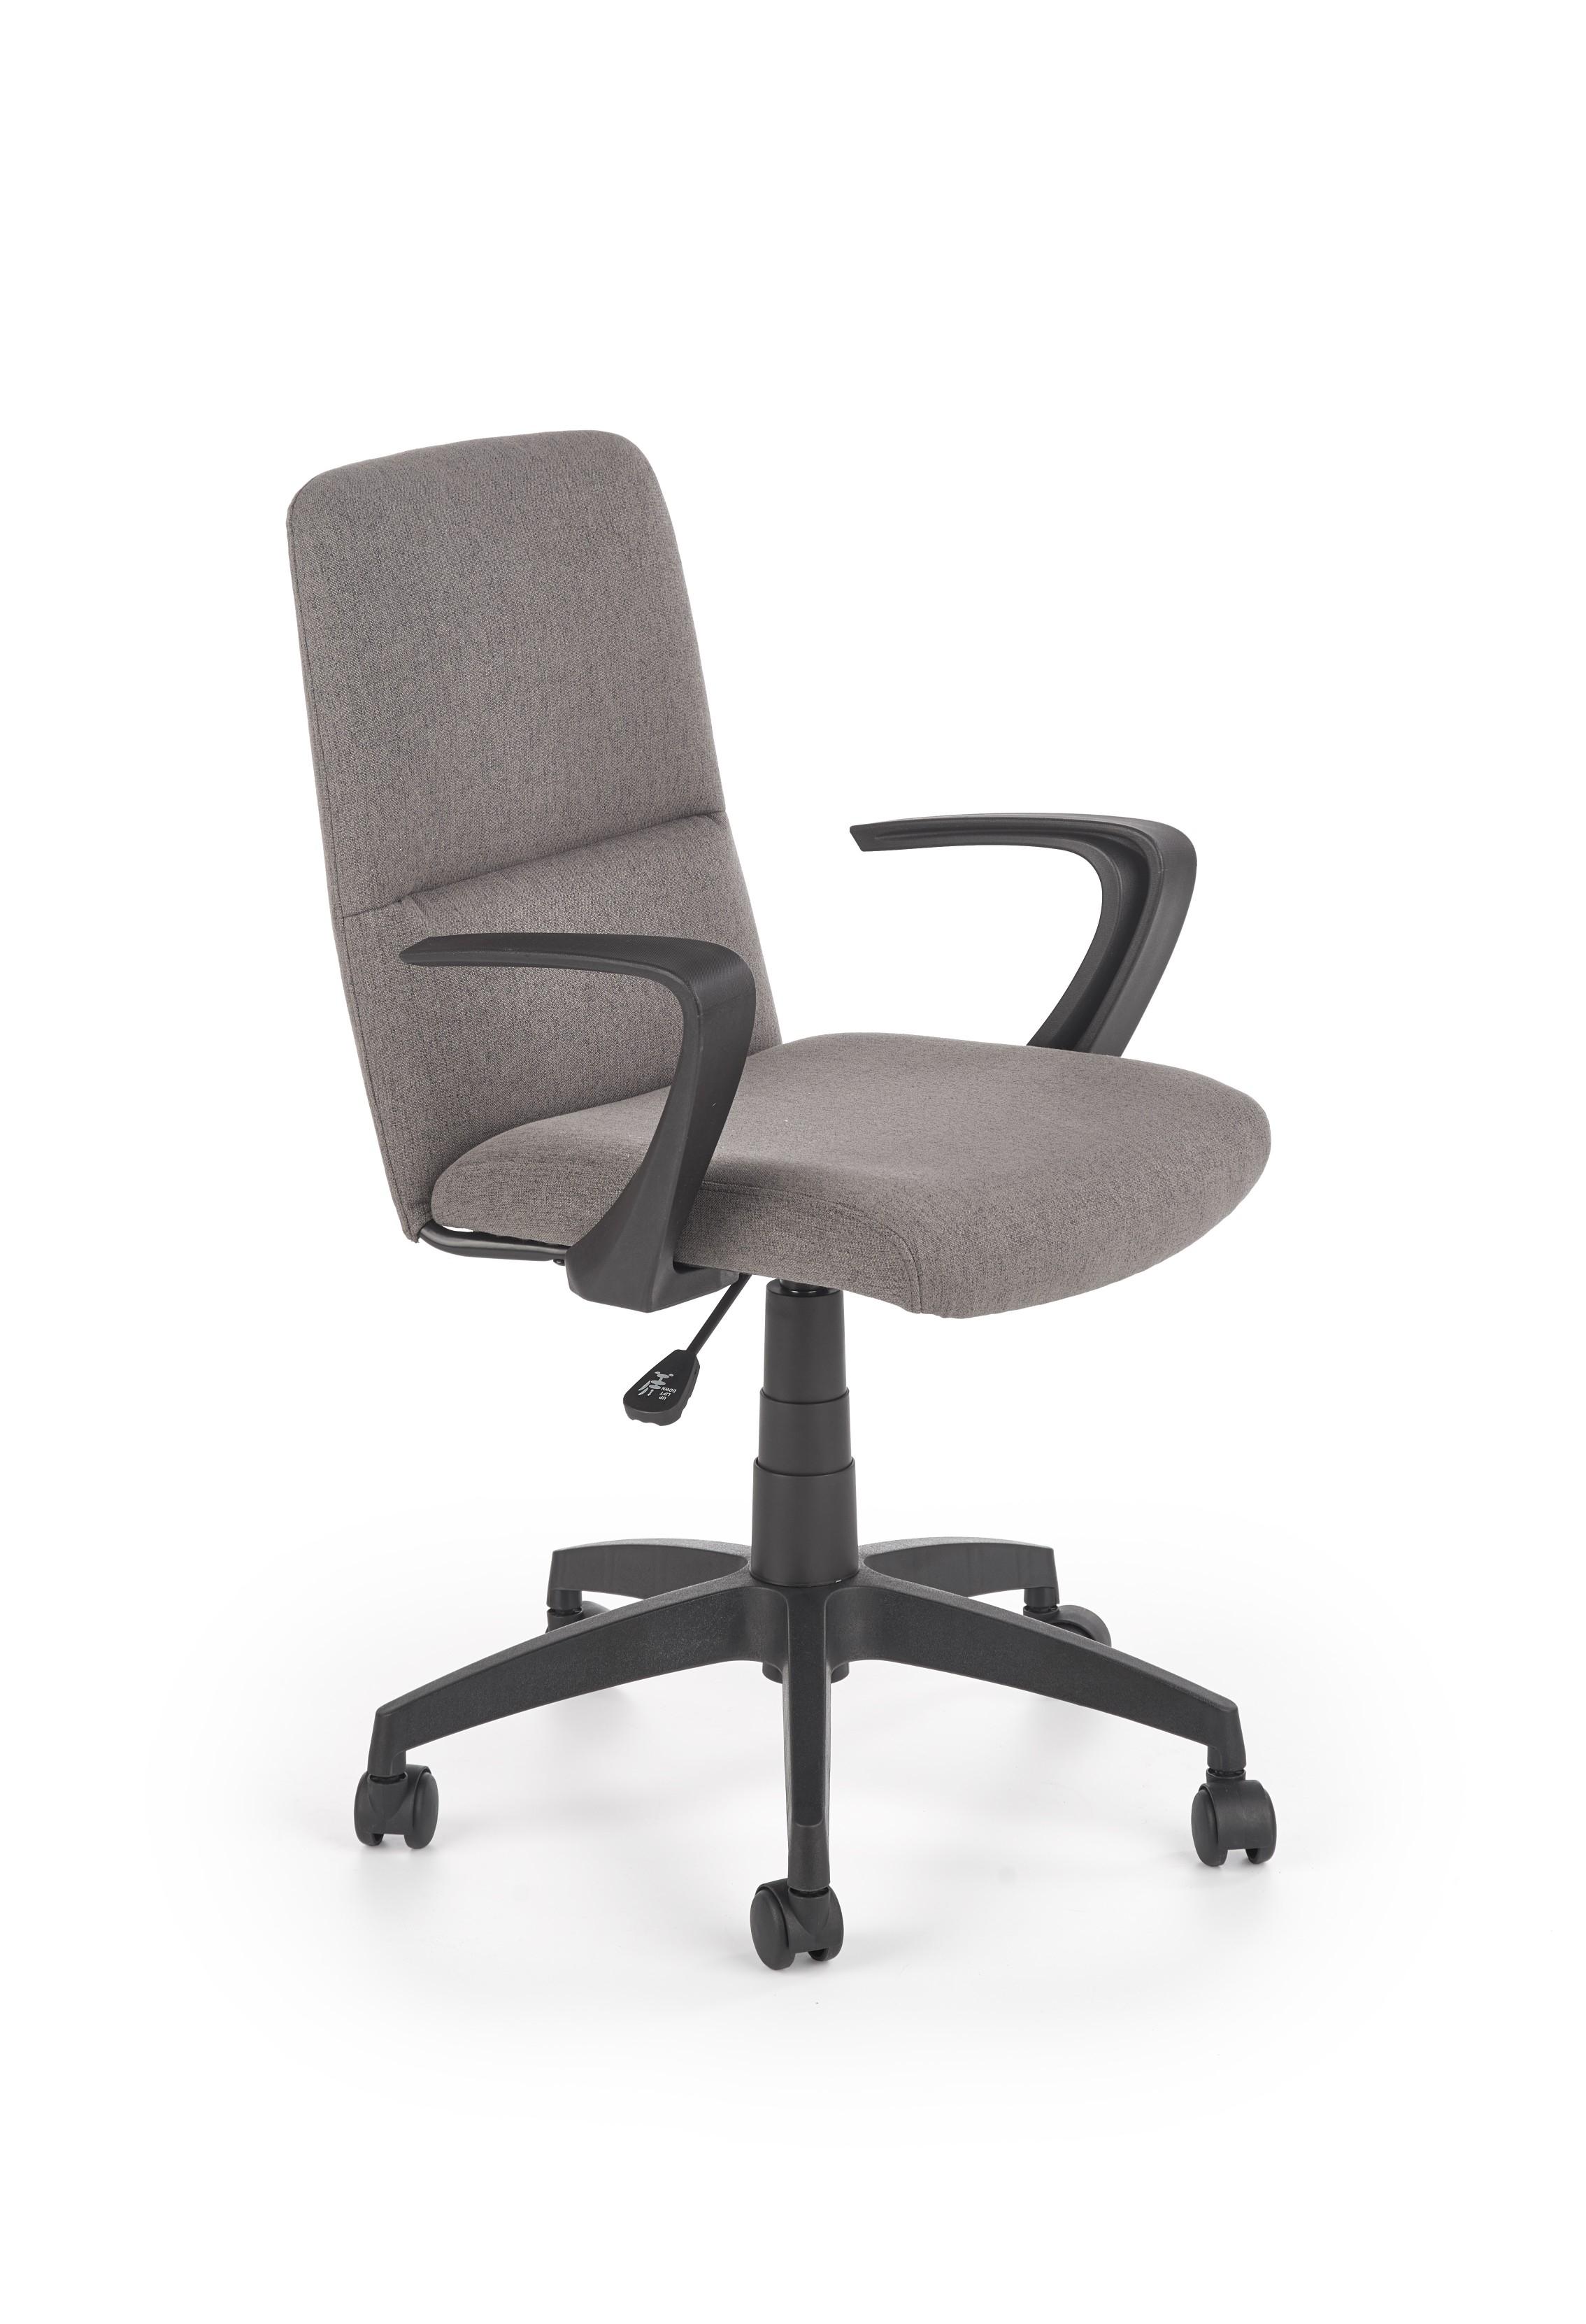 Scaun de birou ergonomic, tapitat cu stofa Ingo Gri, l60xA62xH83-91 cm imagine